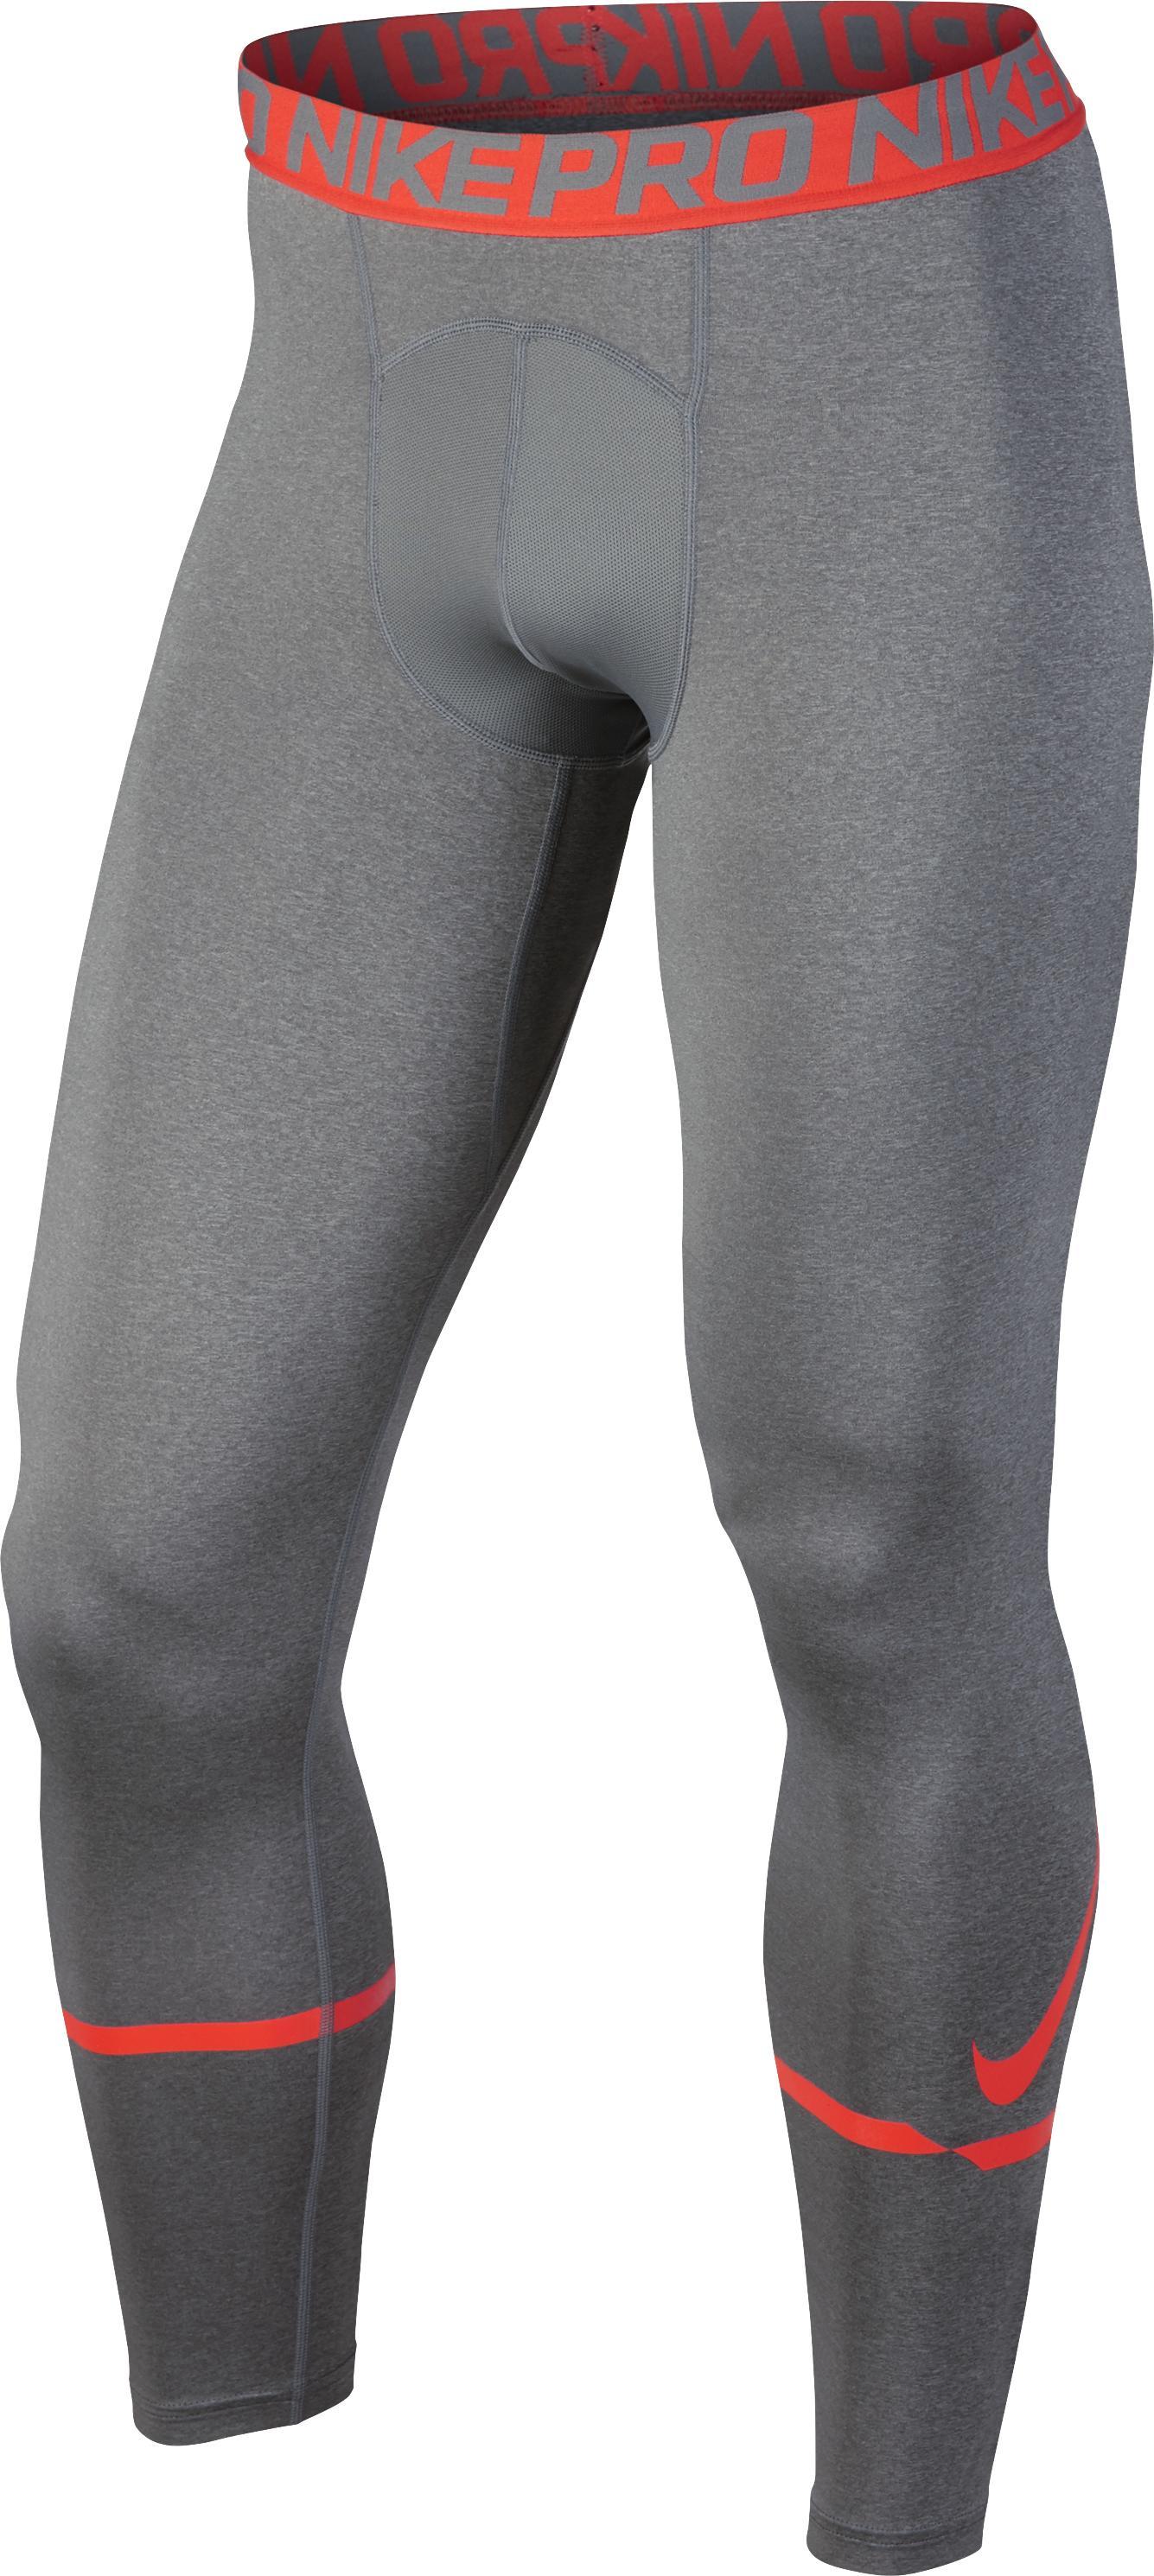 Nike Fitnesslegging voor heren grijs oranje